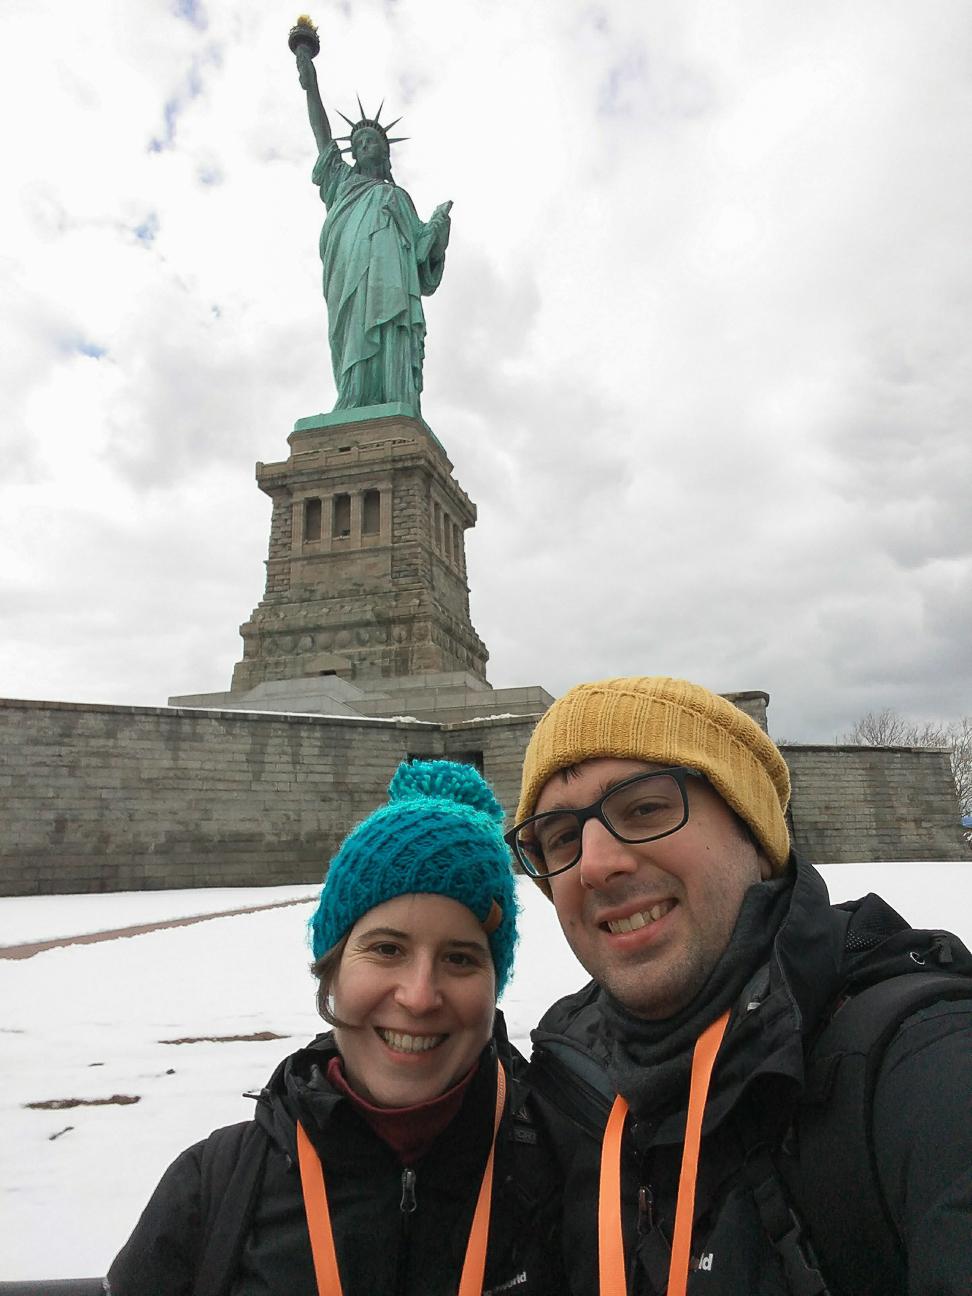 Estatua de la Libertad en Invierno